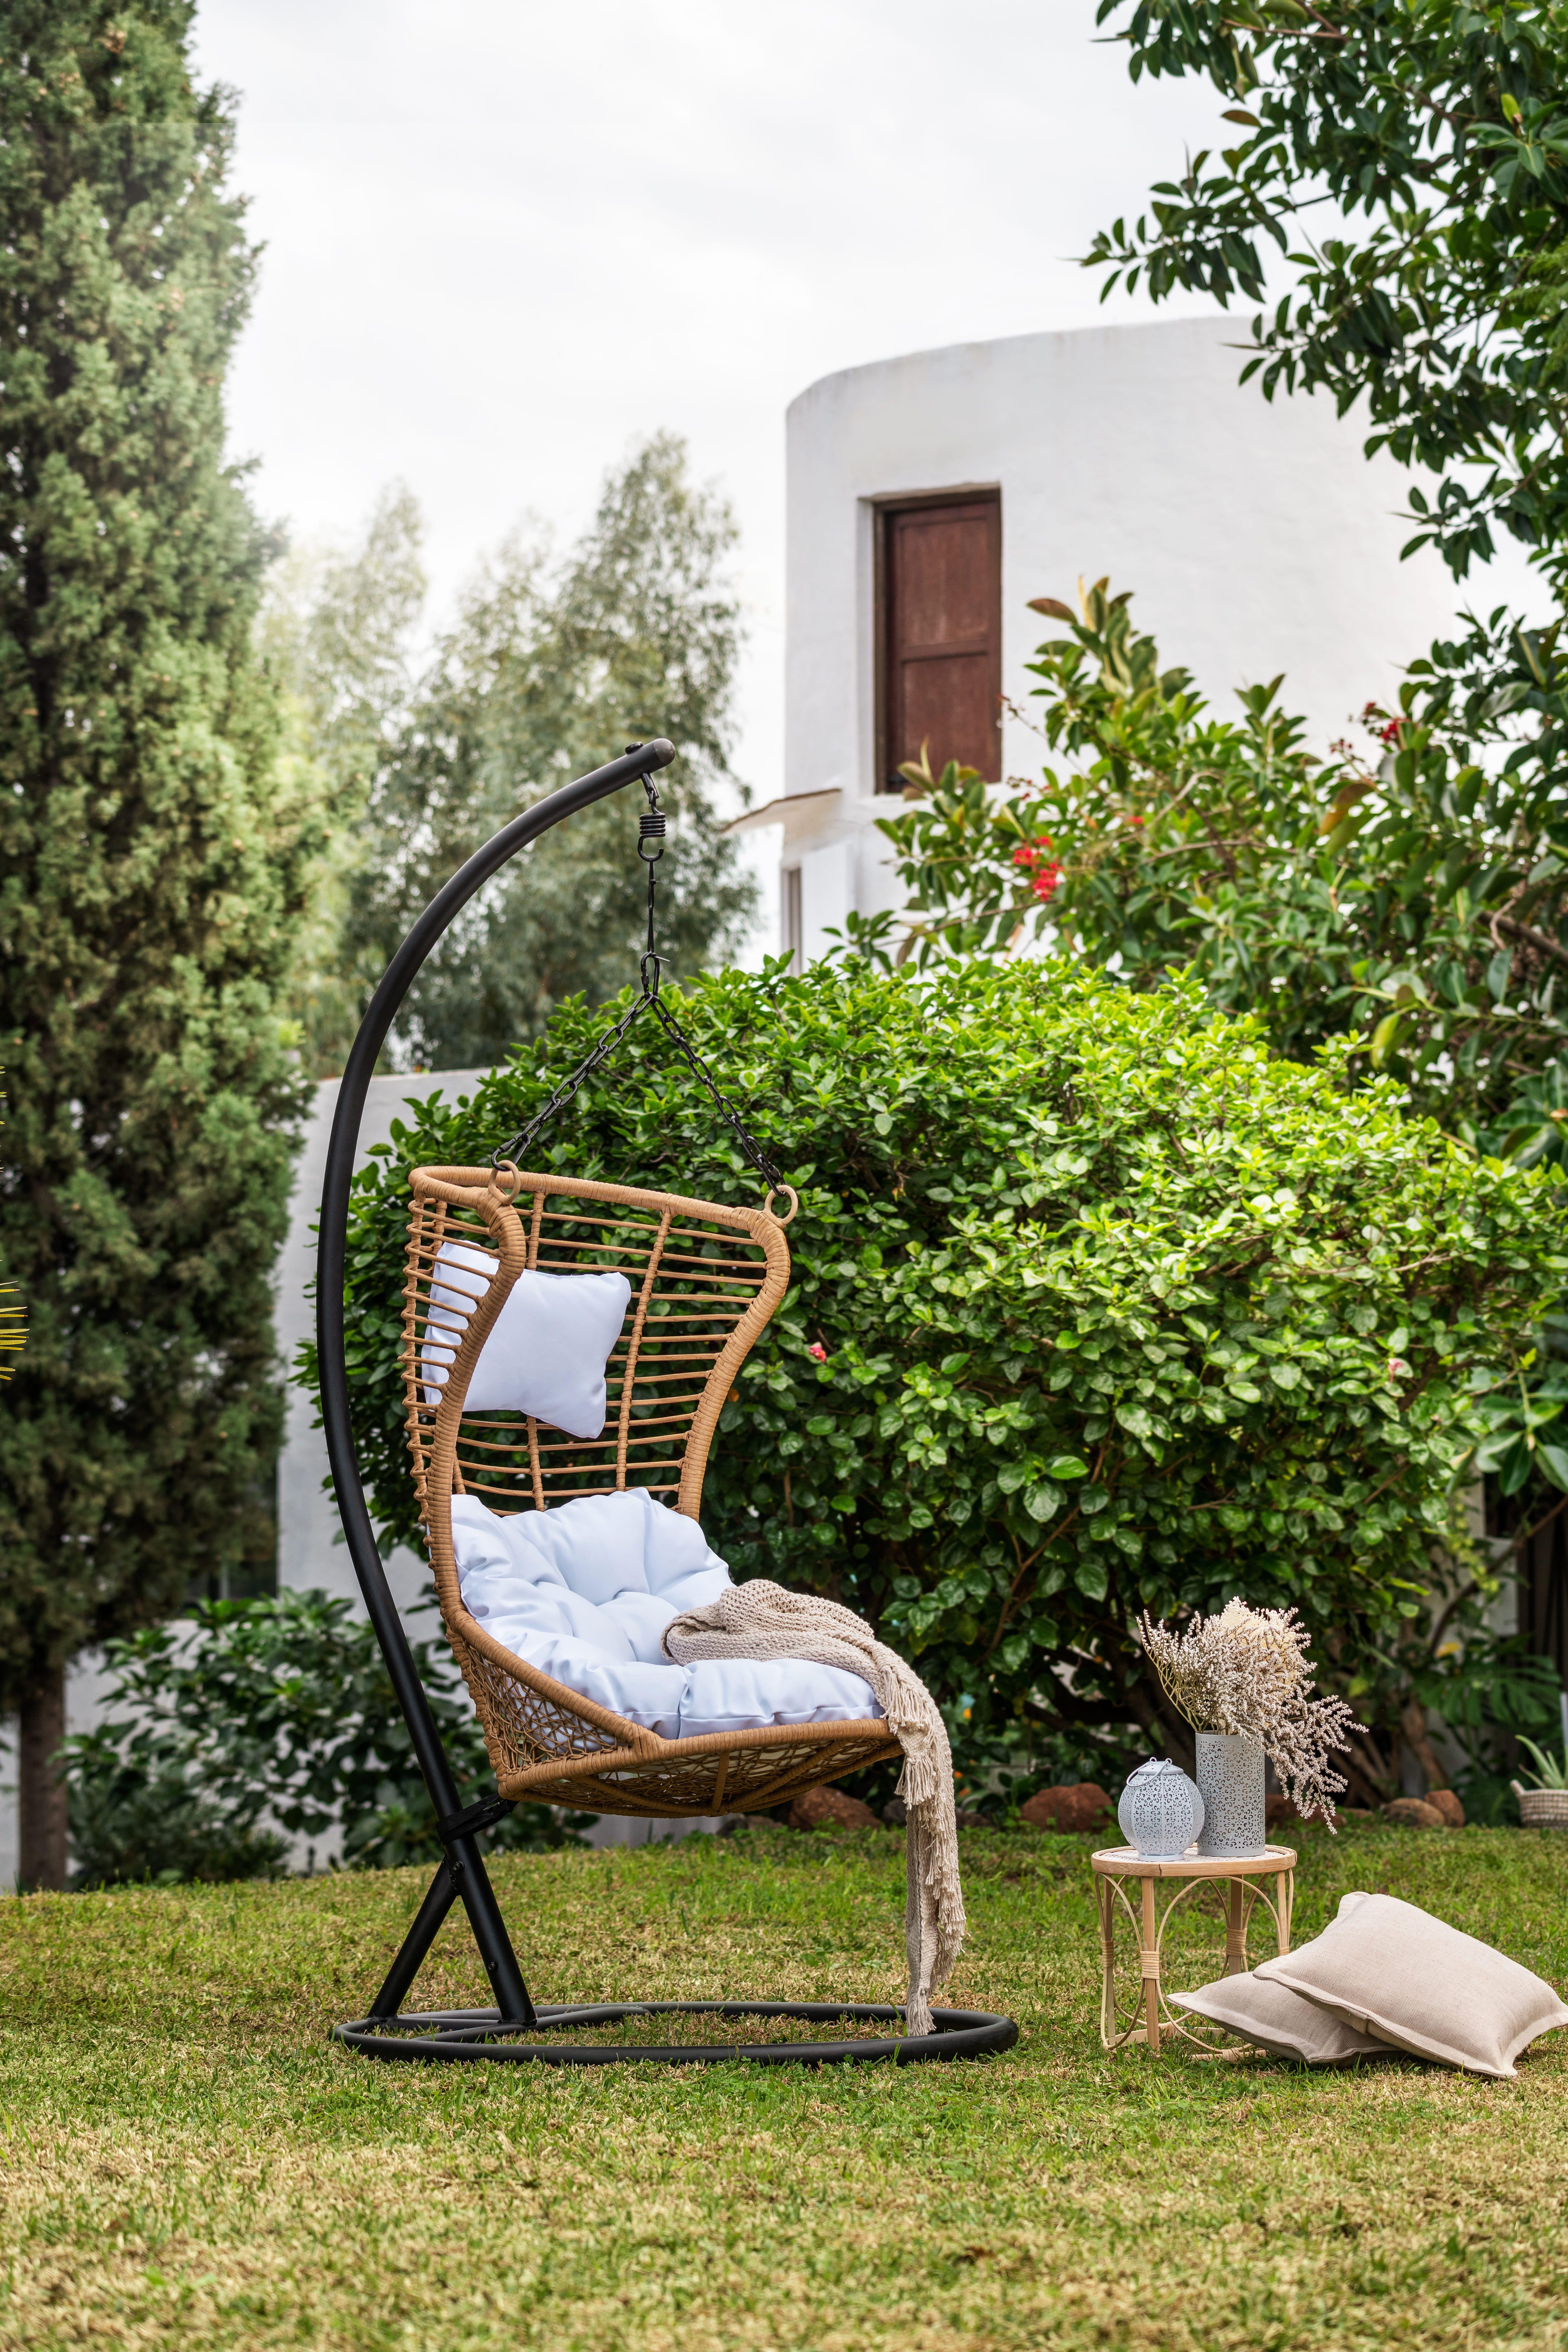 Soldes 2020 Salon De Jardin Et Ensemble Repas Pas Cher Gifi Chaise Salon De Jardin Table Et Chaises Salon De Jardin